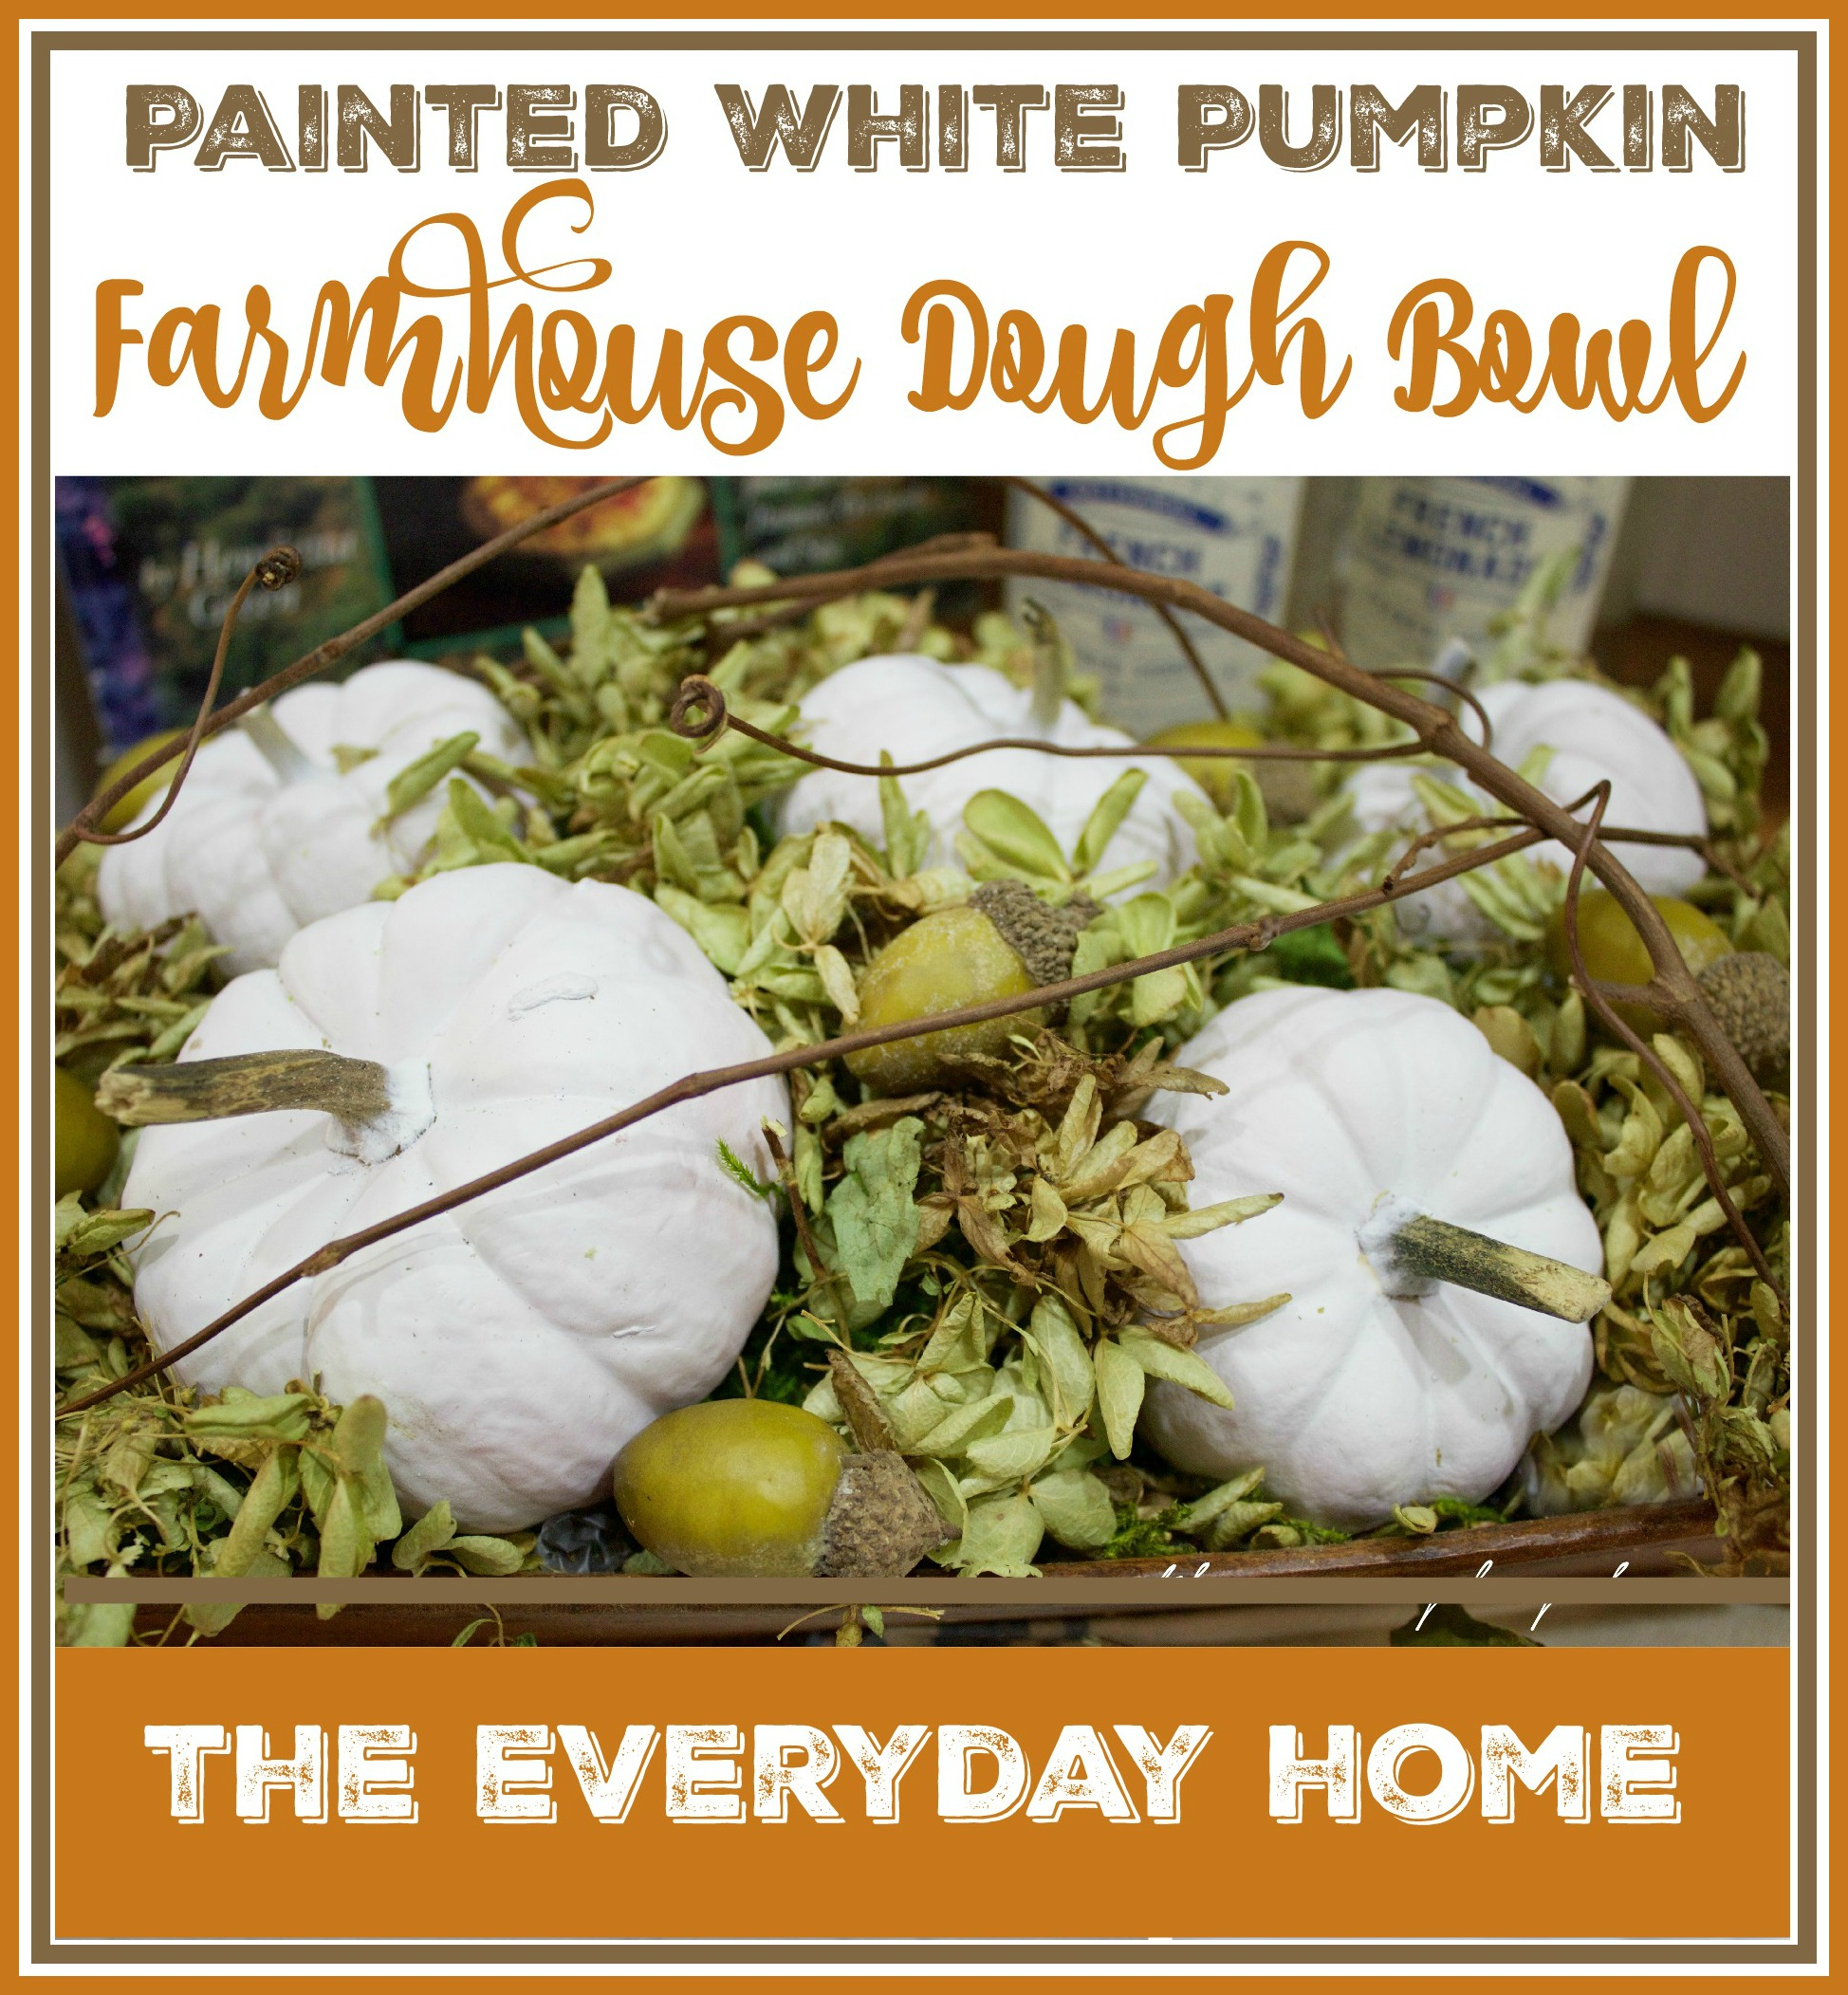 Painted White Pumpkins in a Farmhouse Dough Bowl | The Everyday Home | www.evevrydayhomeblog.com